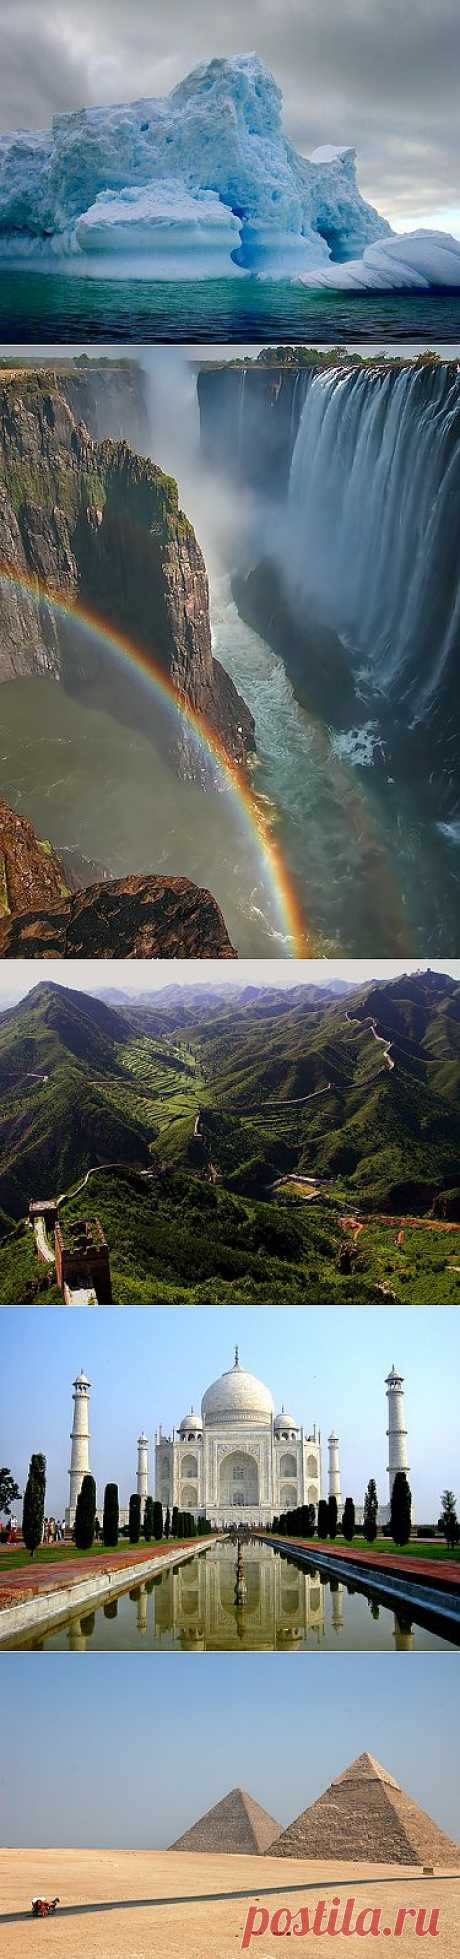 100 lugares más hermosos del planeta.